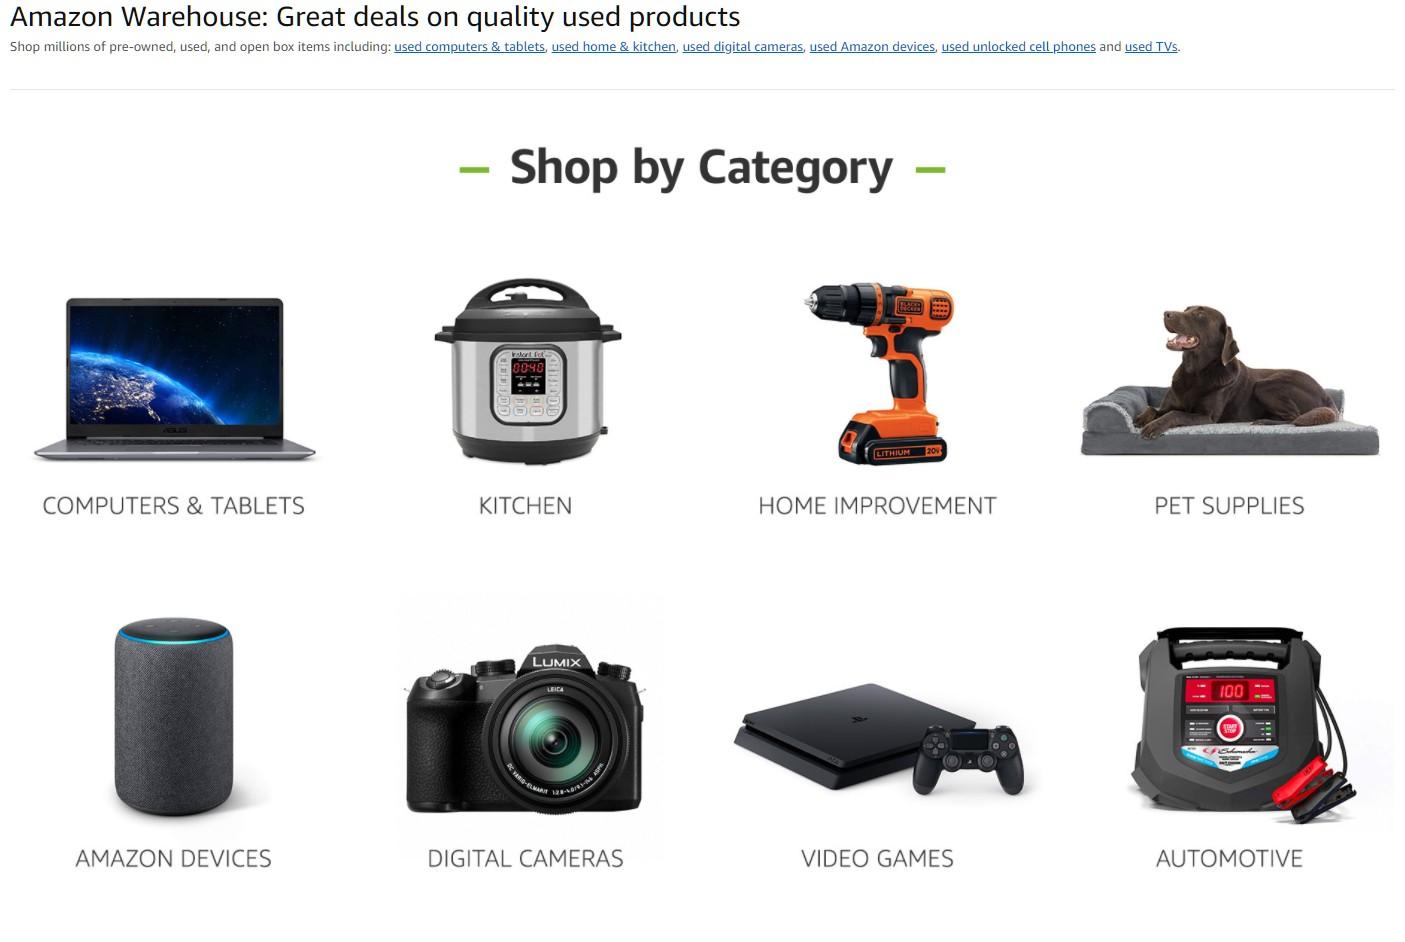 раздел Amazon Warehouse